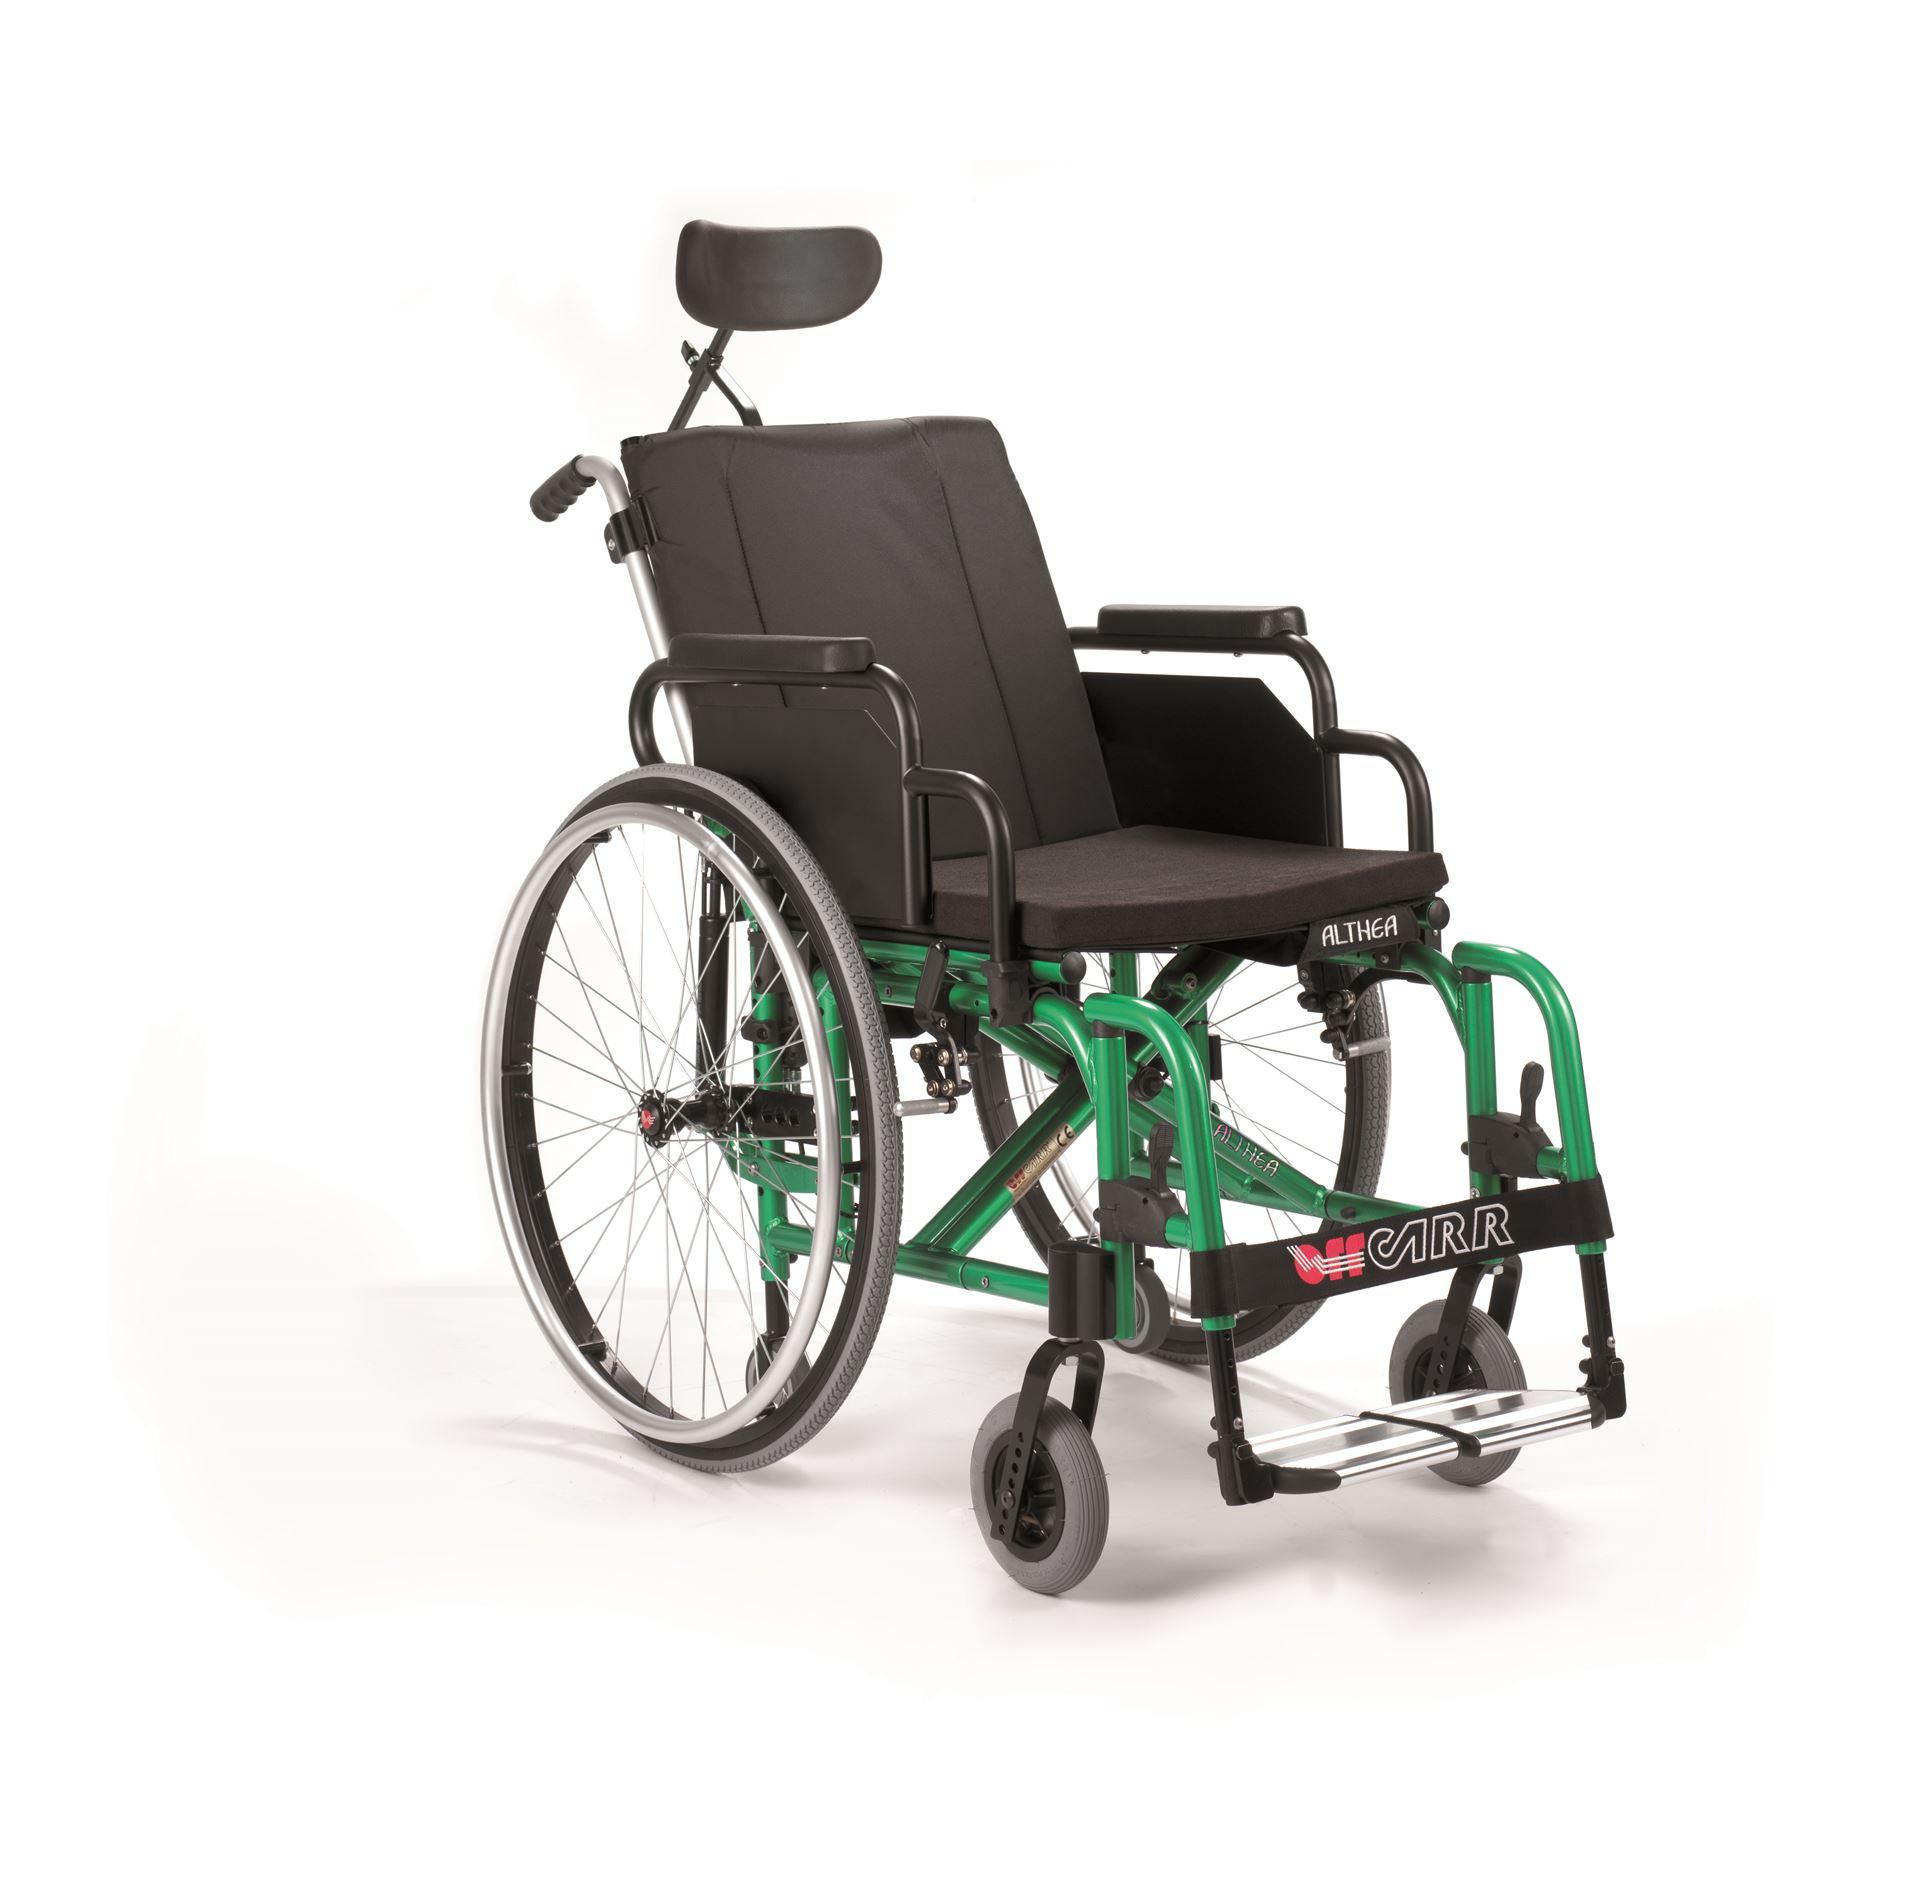 ALTHEA.R Offcarr | Mobilitec